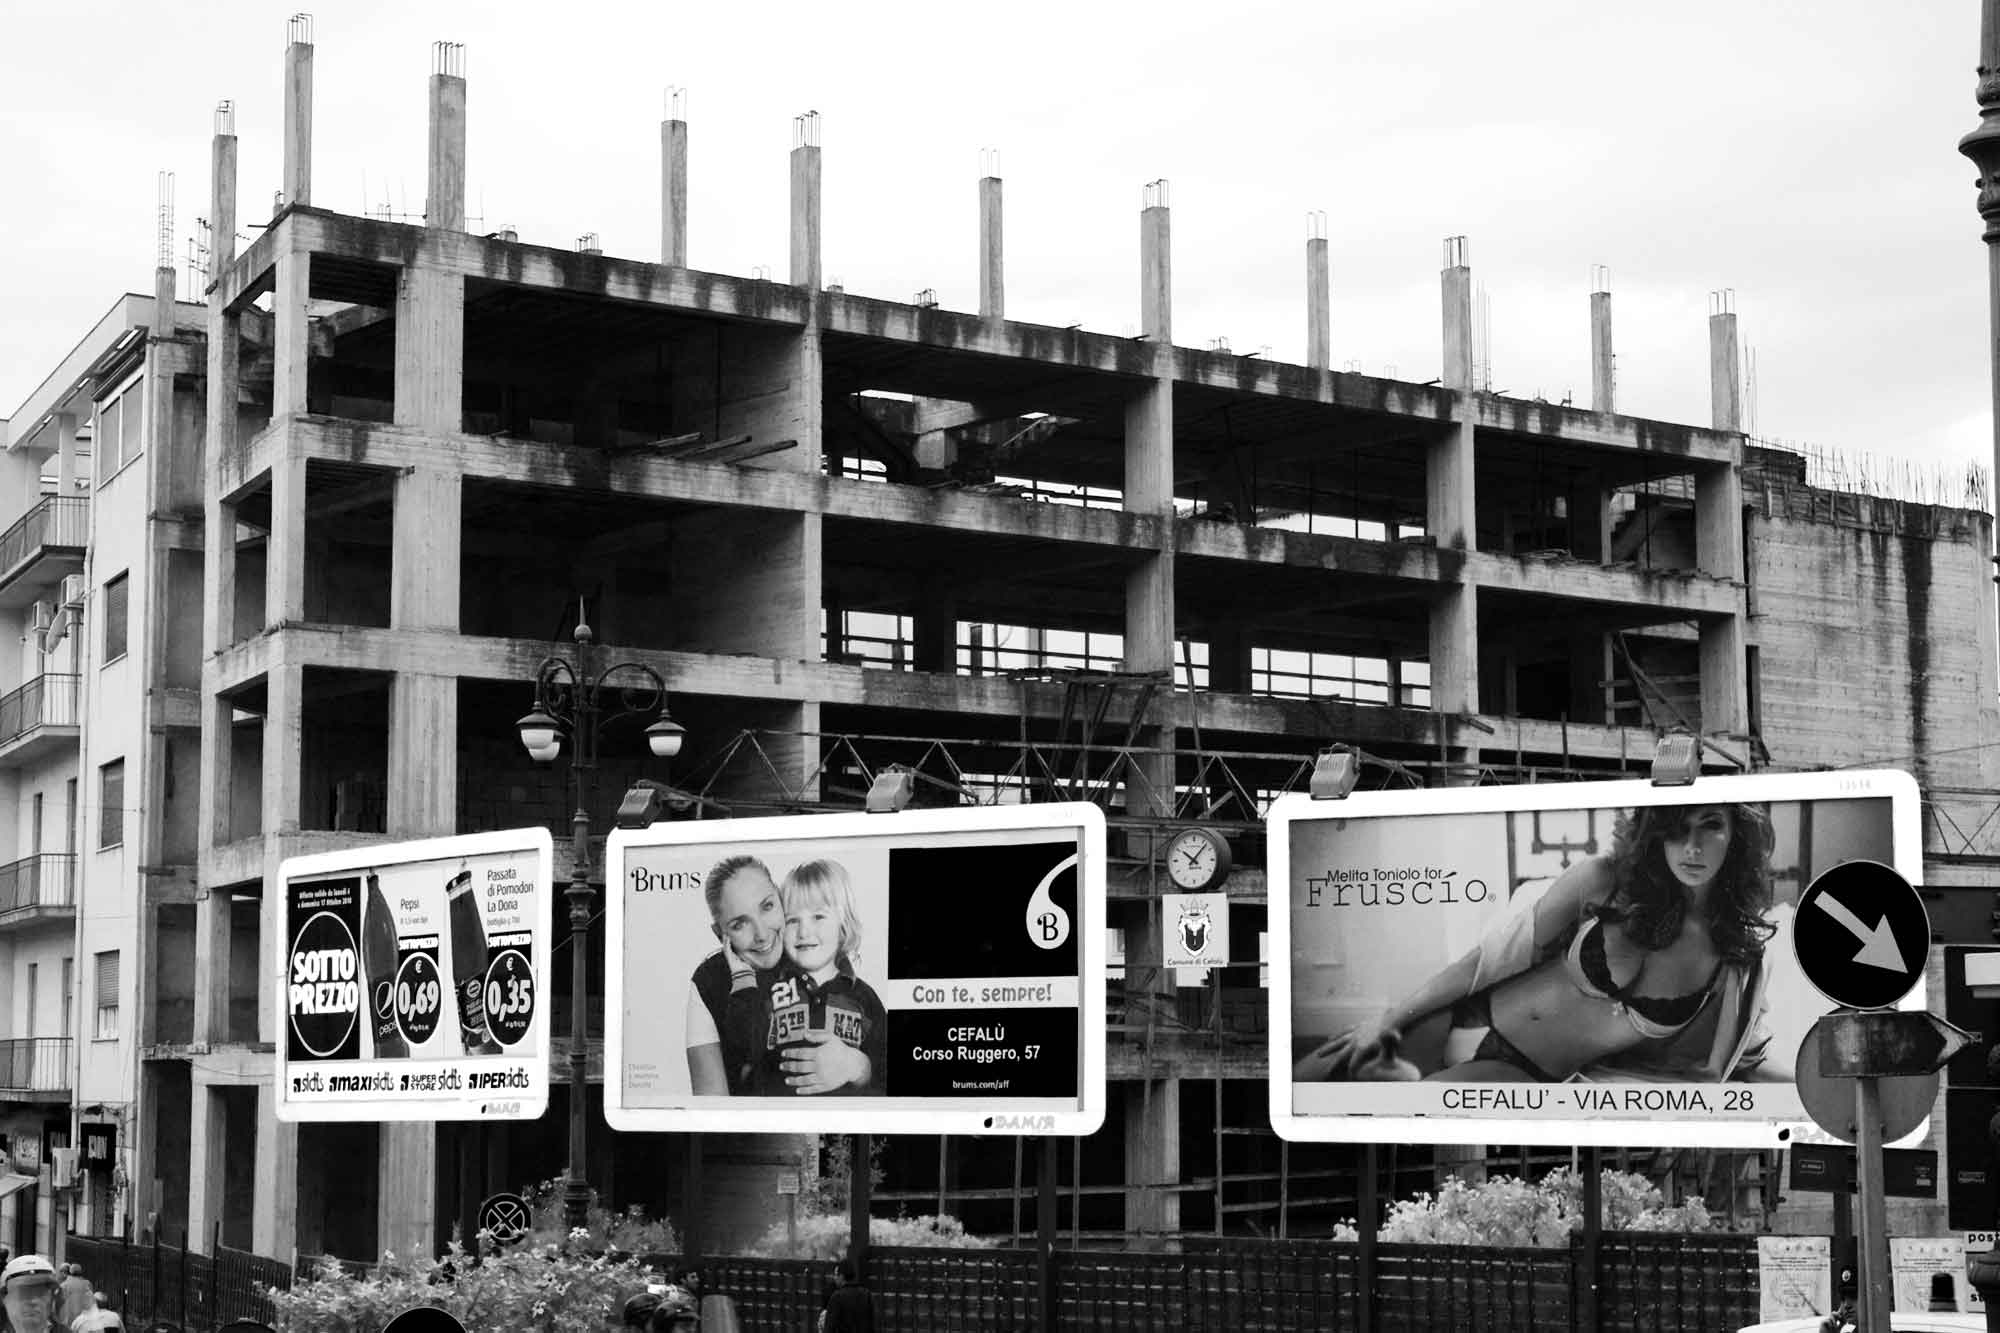 Bauskelett mit Werbetafeln im Vordergrund, Cefalù, Sizilien